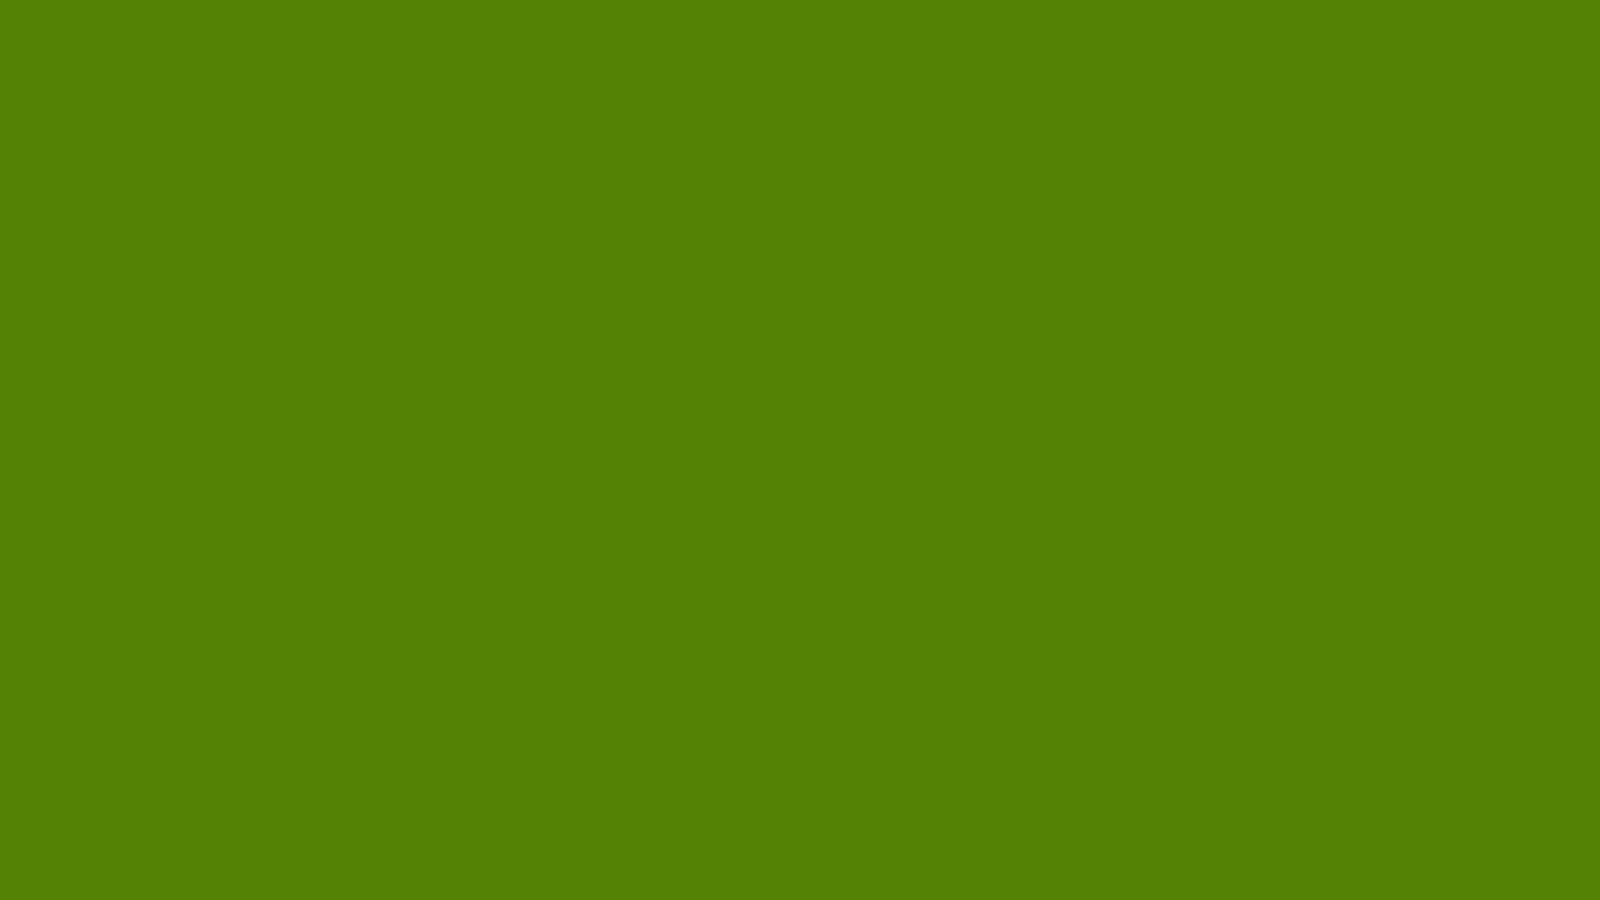 1600x900 Avocado Solid Color Background